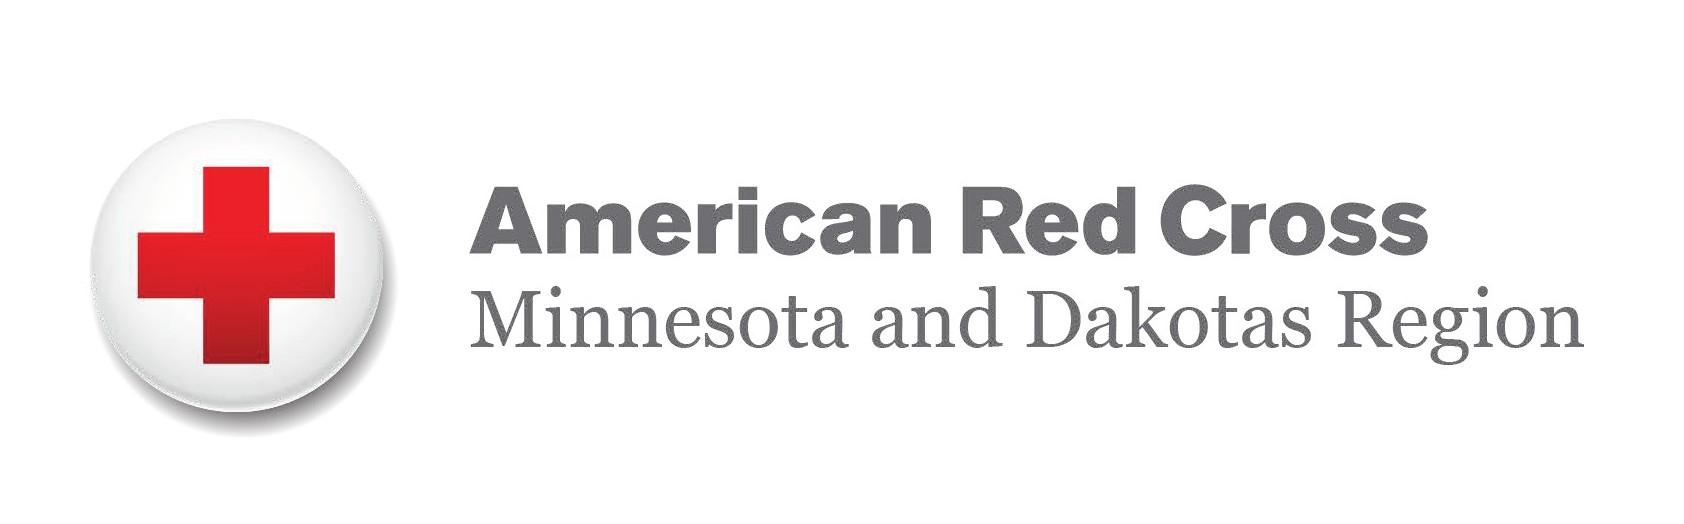 https://www.visionbanks.com/wp-content/uploads/Minnesota-Dakotas-Regional-Logo2.jpg